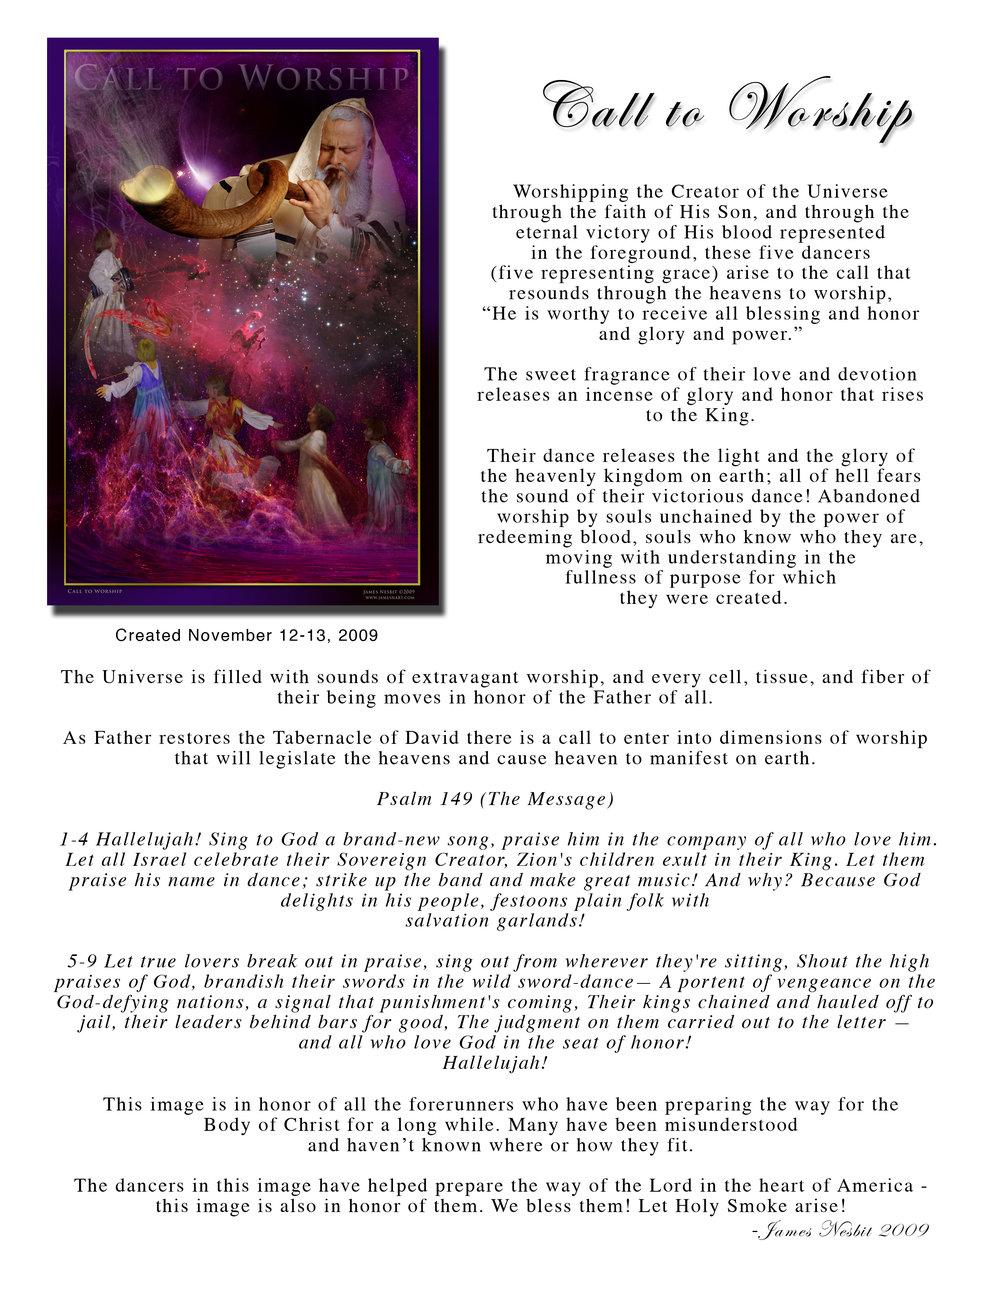 Call to worship Description copy.jpg